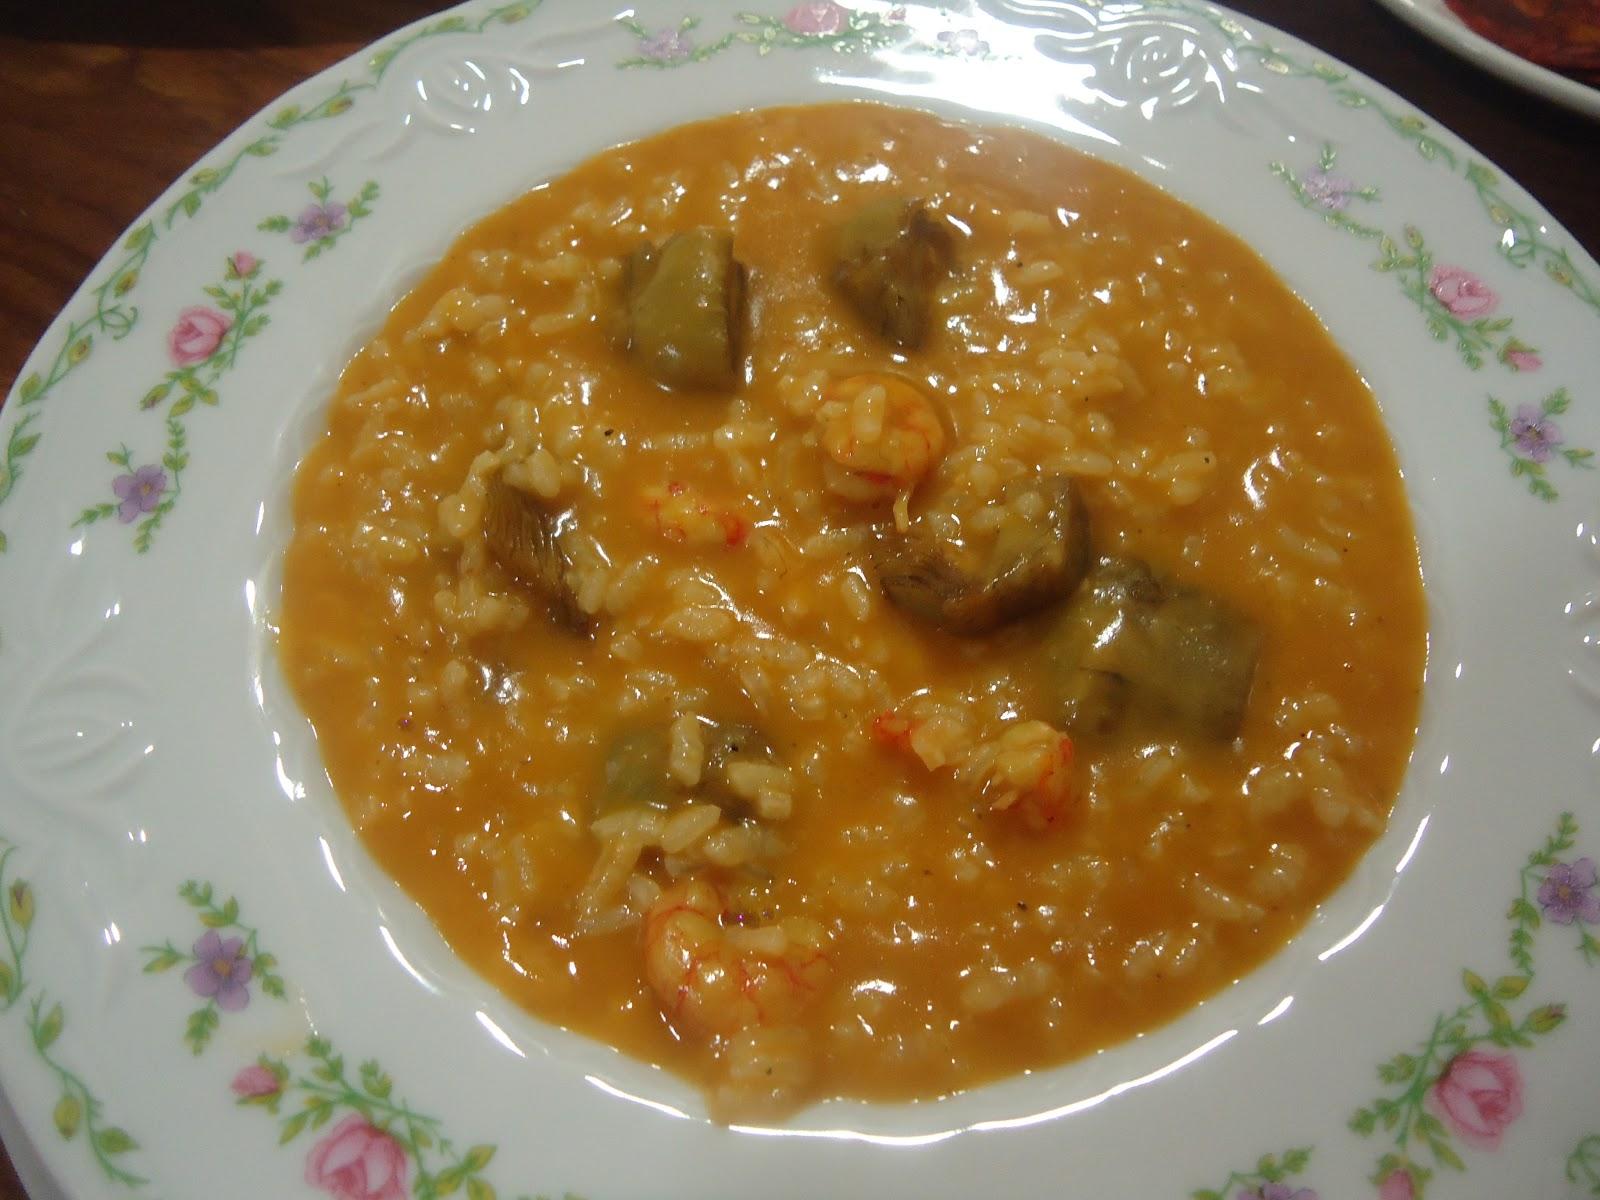 Las receticas de anica arroz caldoso con alcachofas y gambas - Arroz caldoso con costillas y alcachofas ...